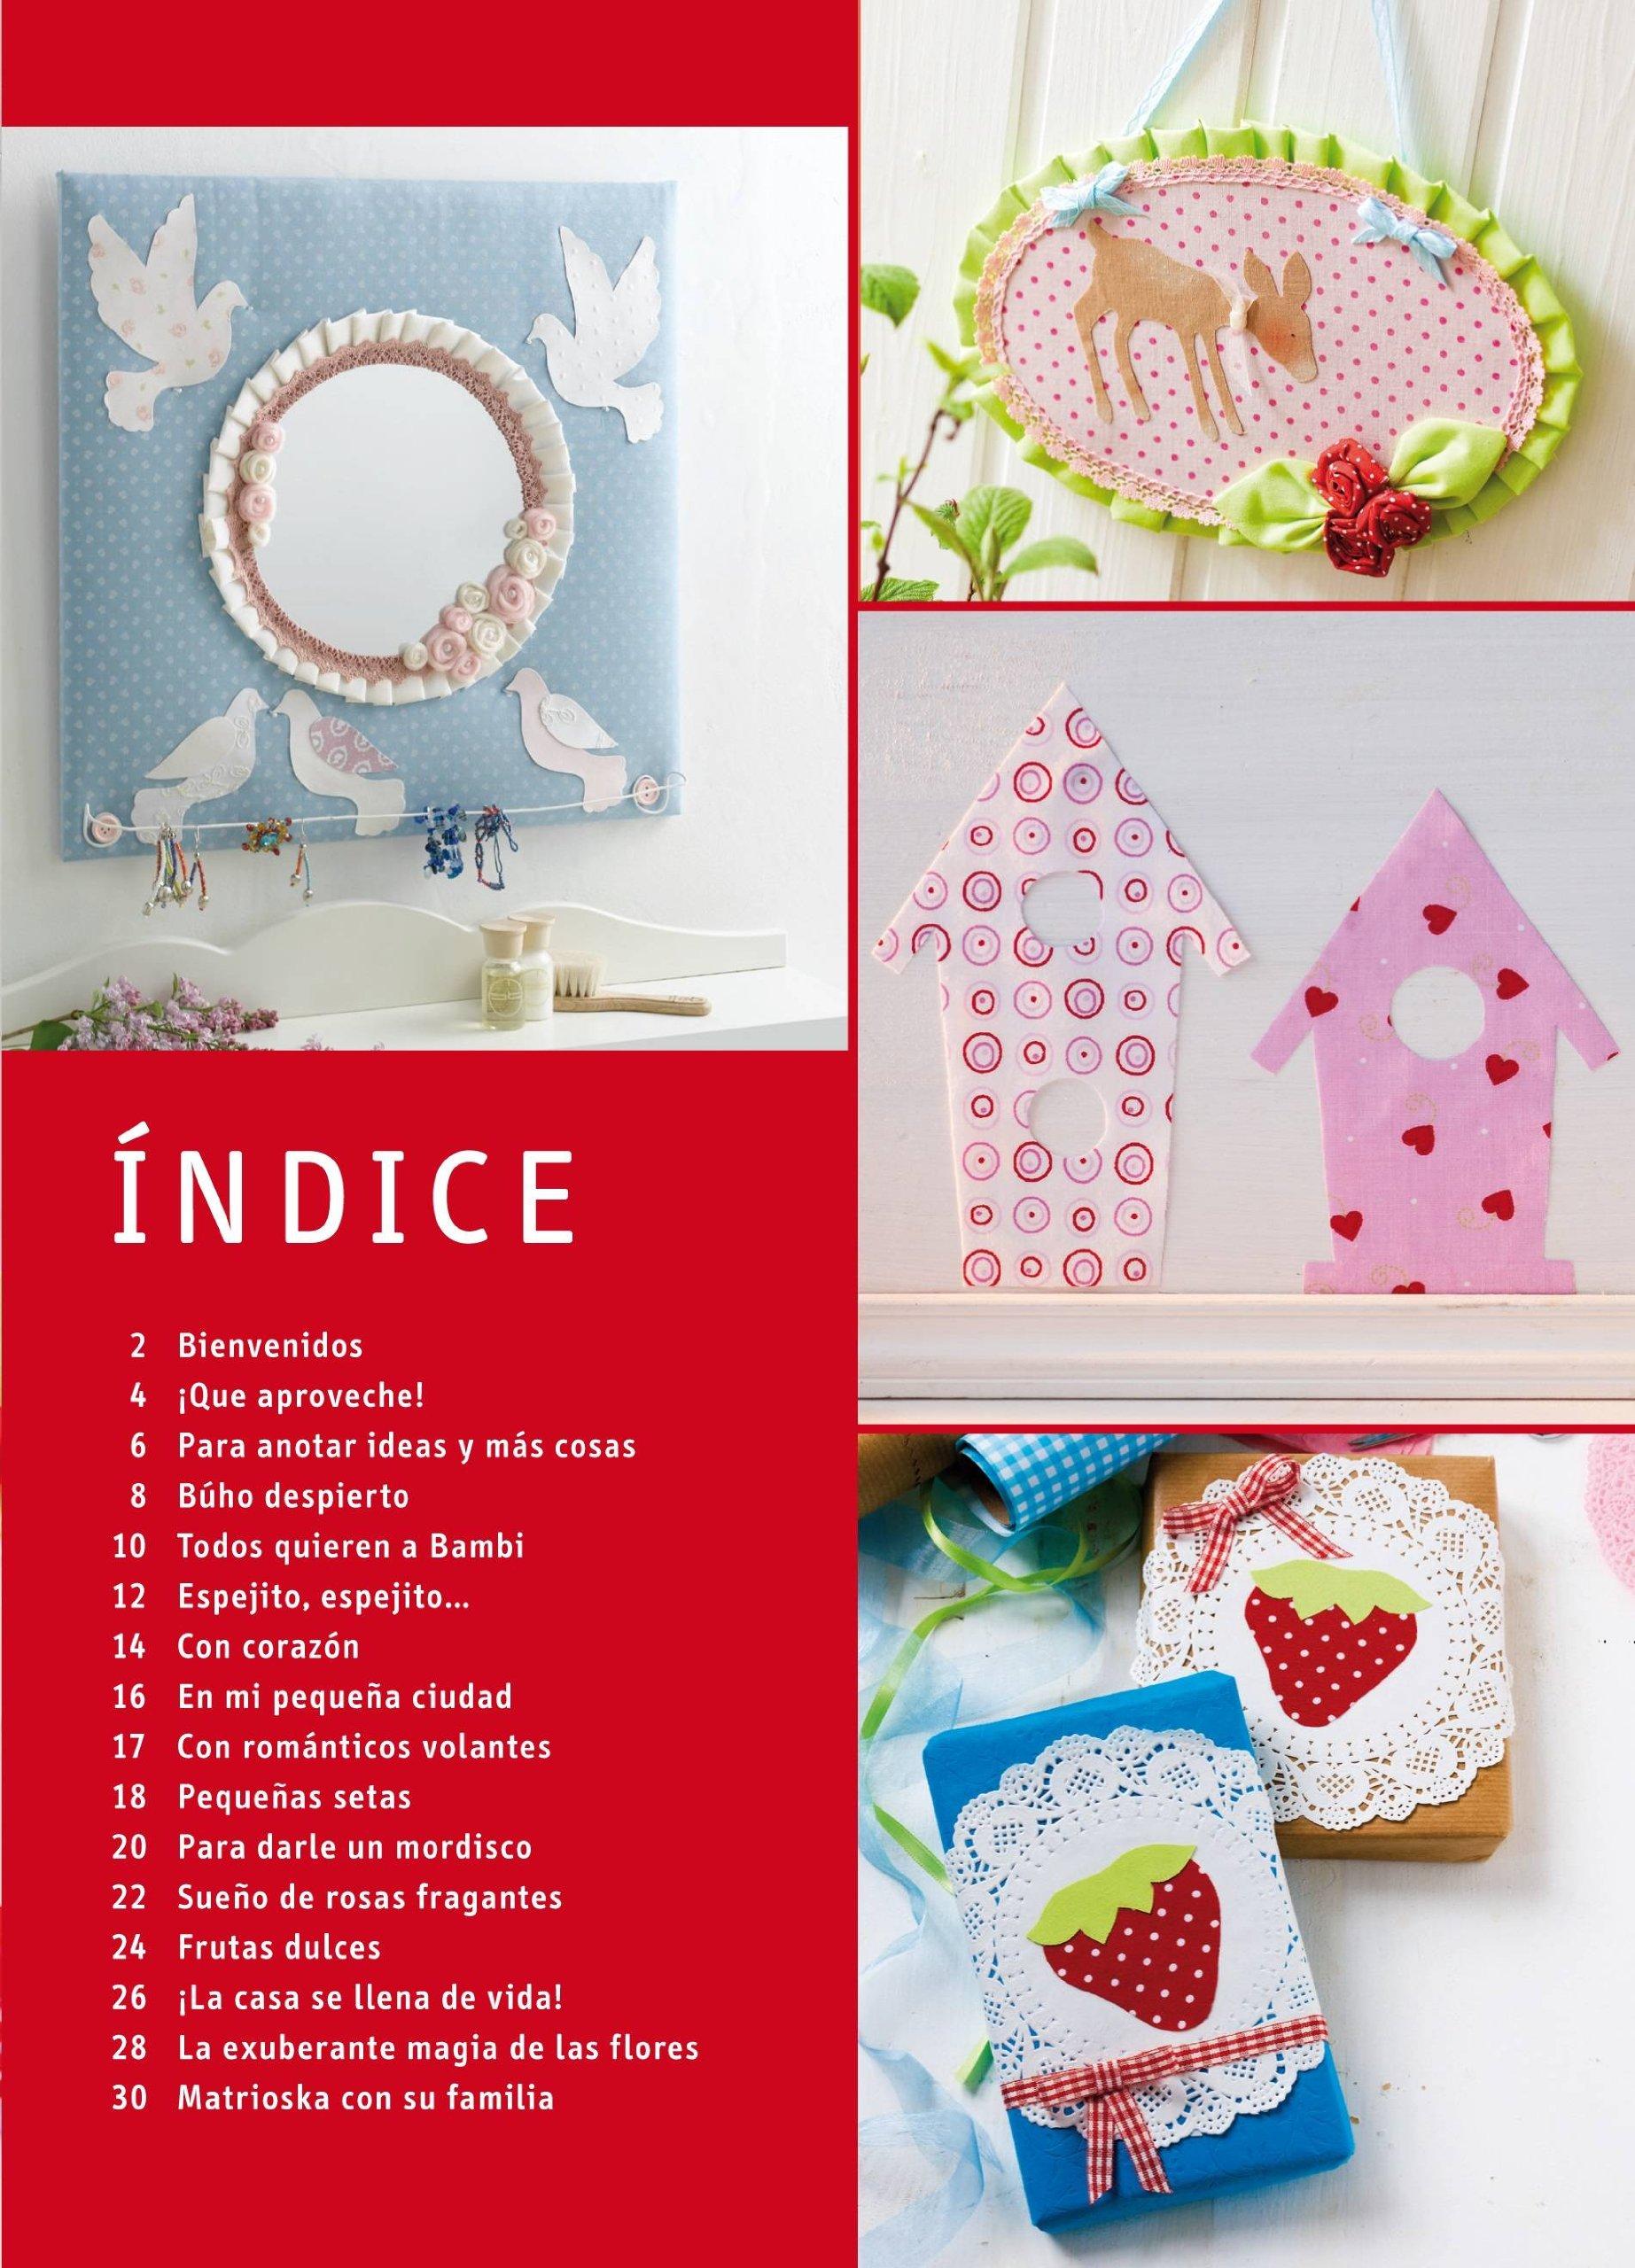 Ideas para decorar la casa con telas sin usar hilo ni aguja: Con patrones para realizar 16 proyectos: Katrin Kugler: 9788498743838: Amazon.com: Books